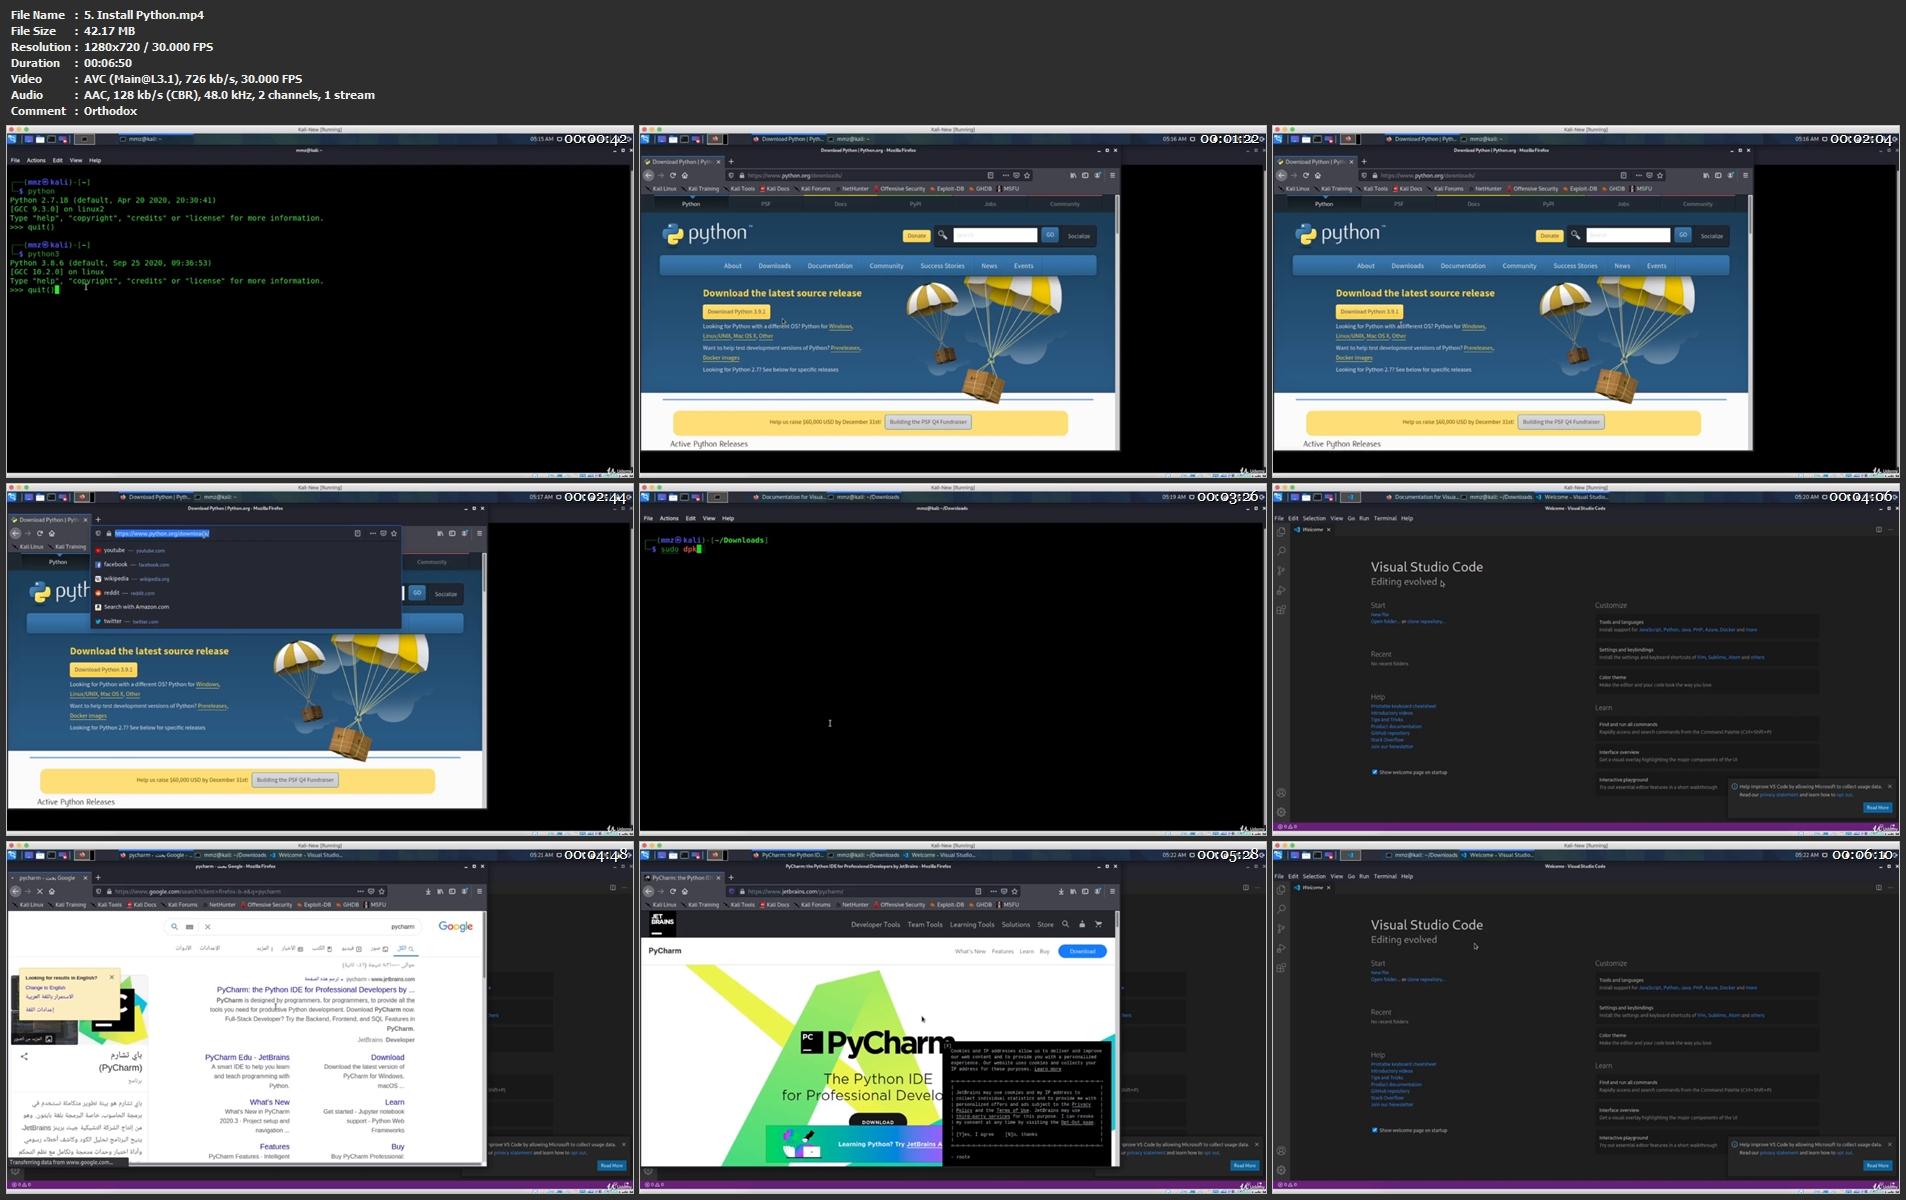 5.installpython.mp439j88.jpg